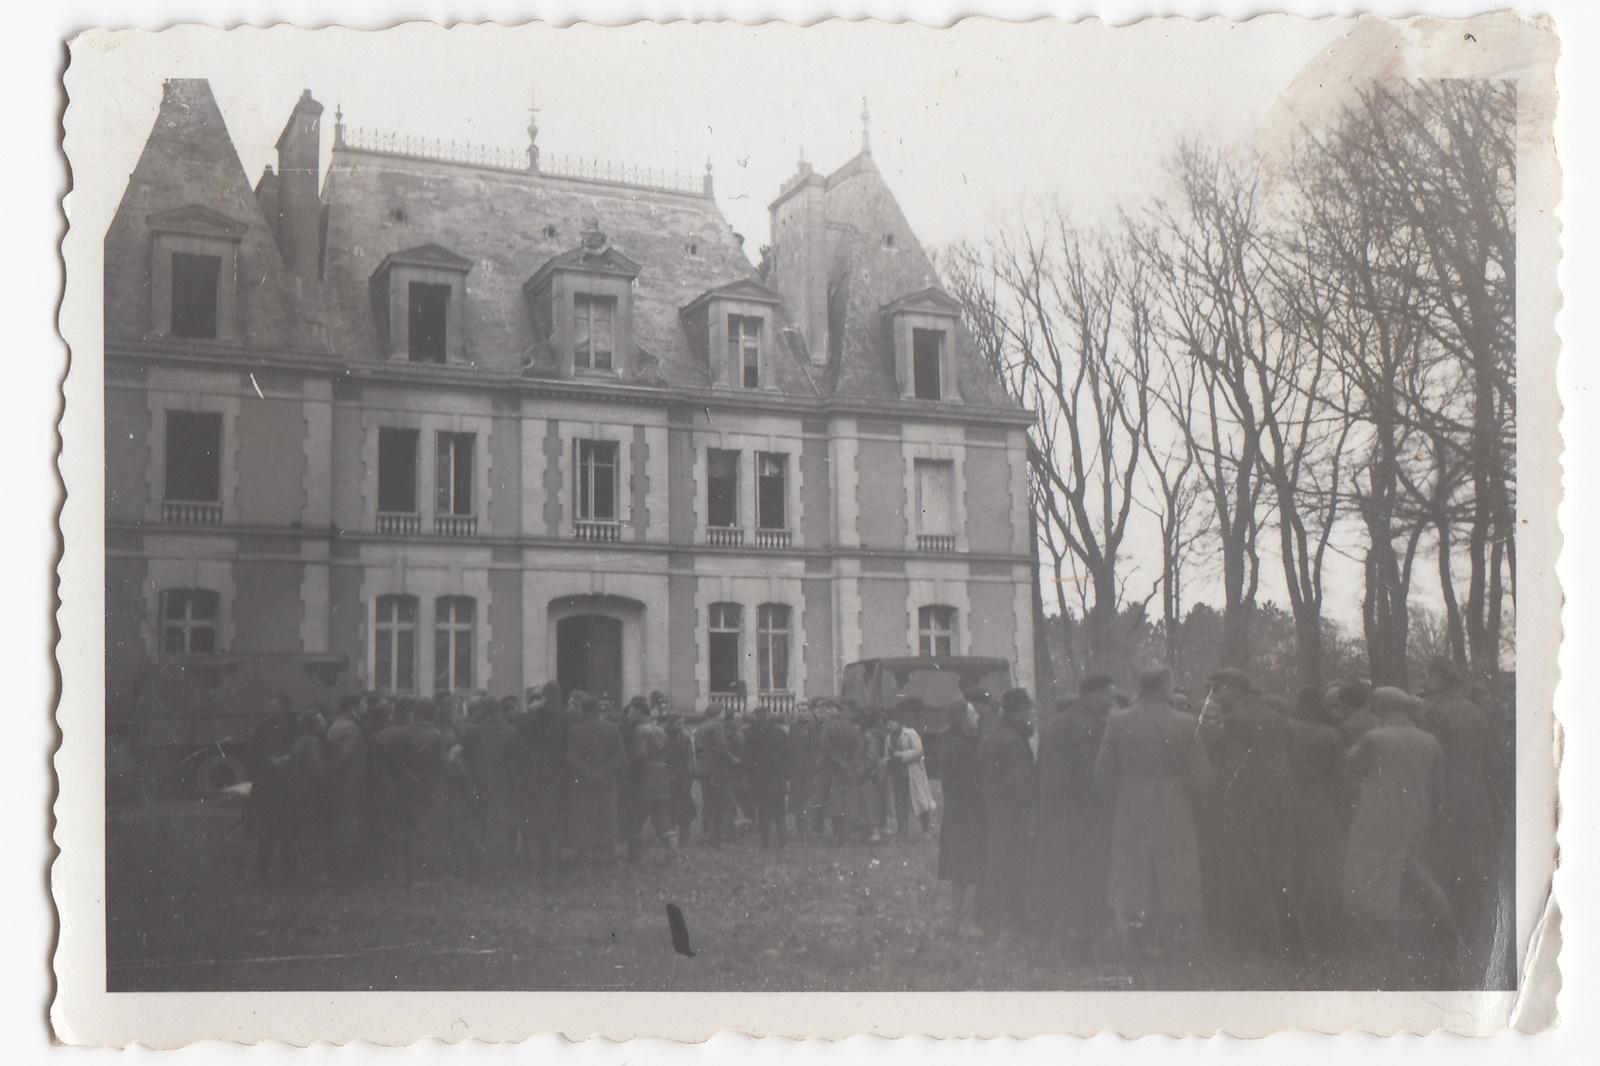 Op zoek naar een chateau in Normandië